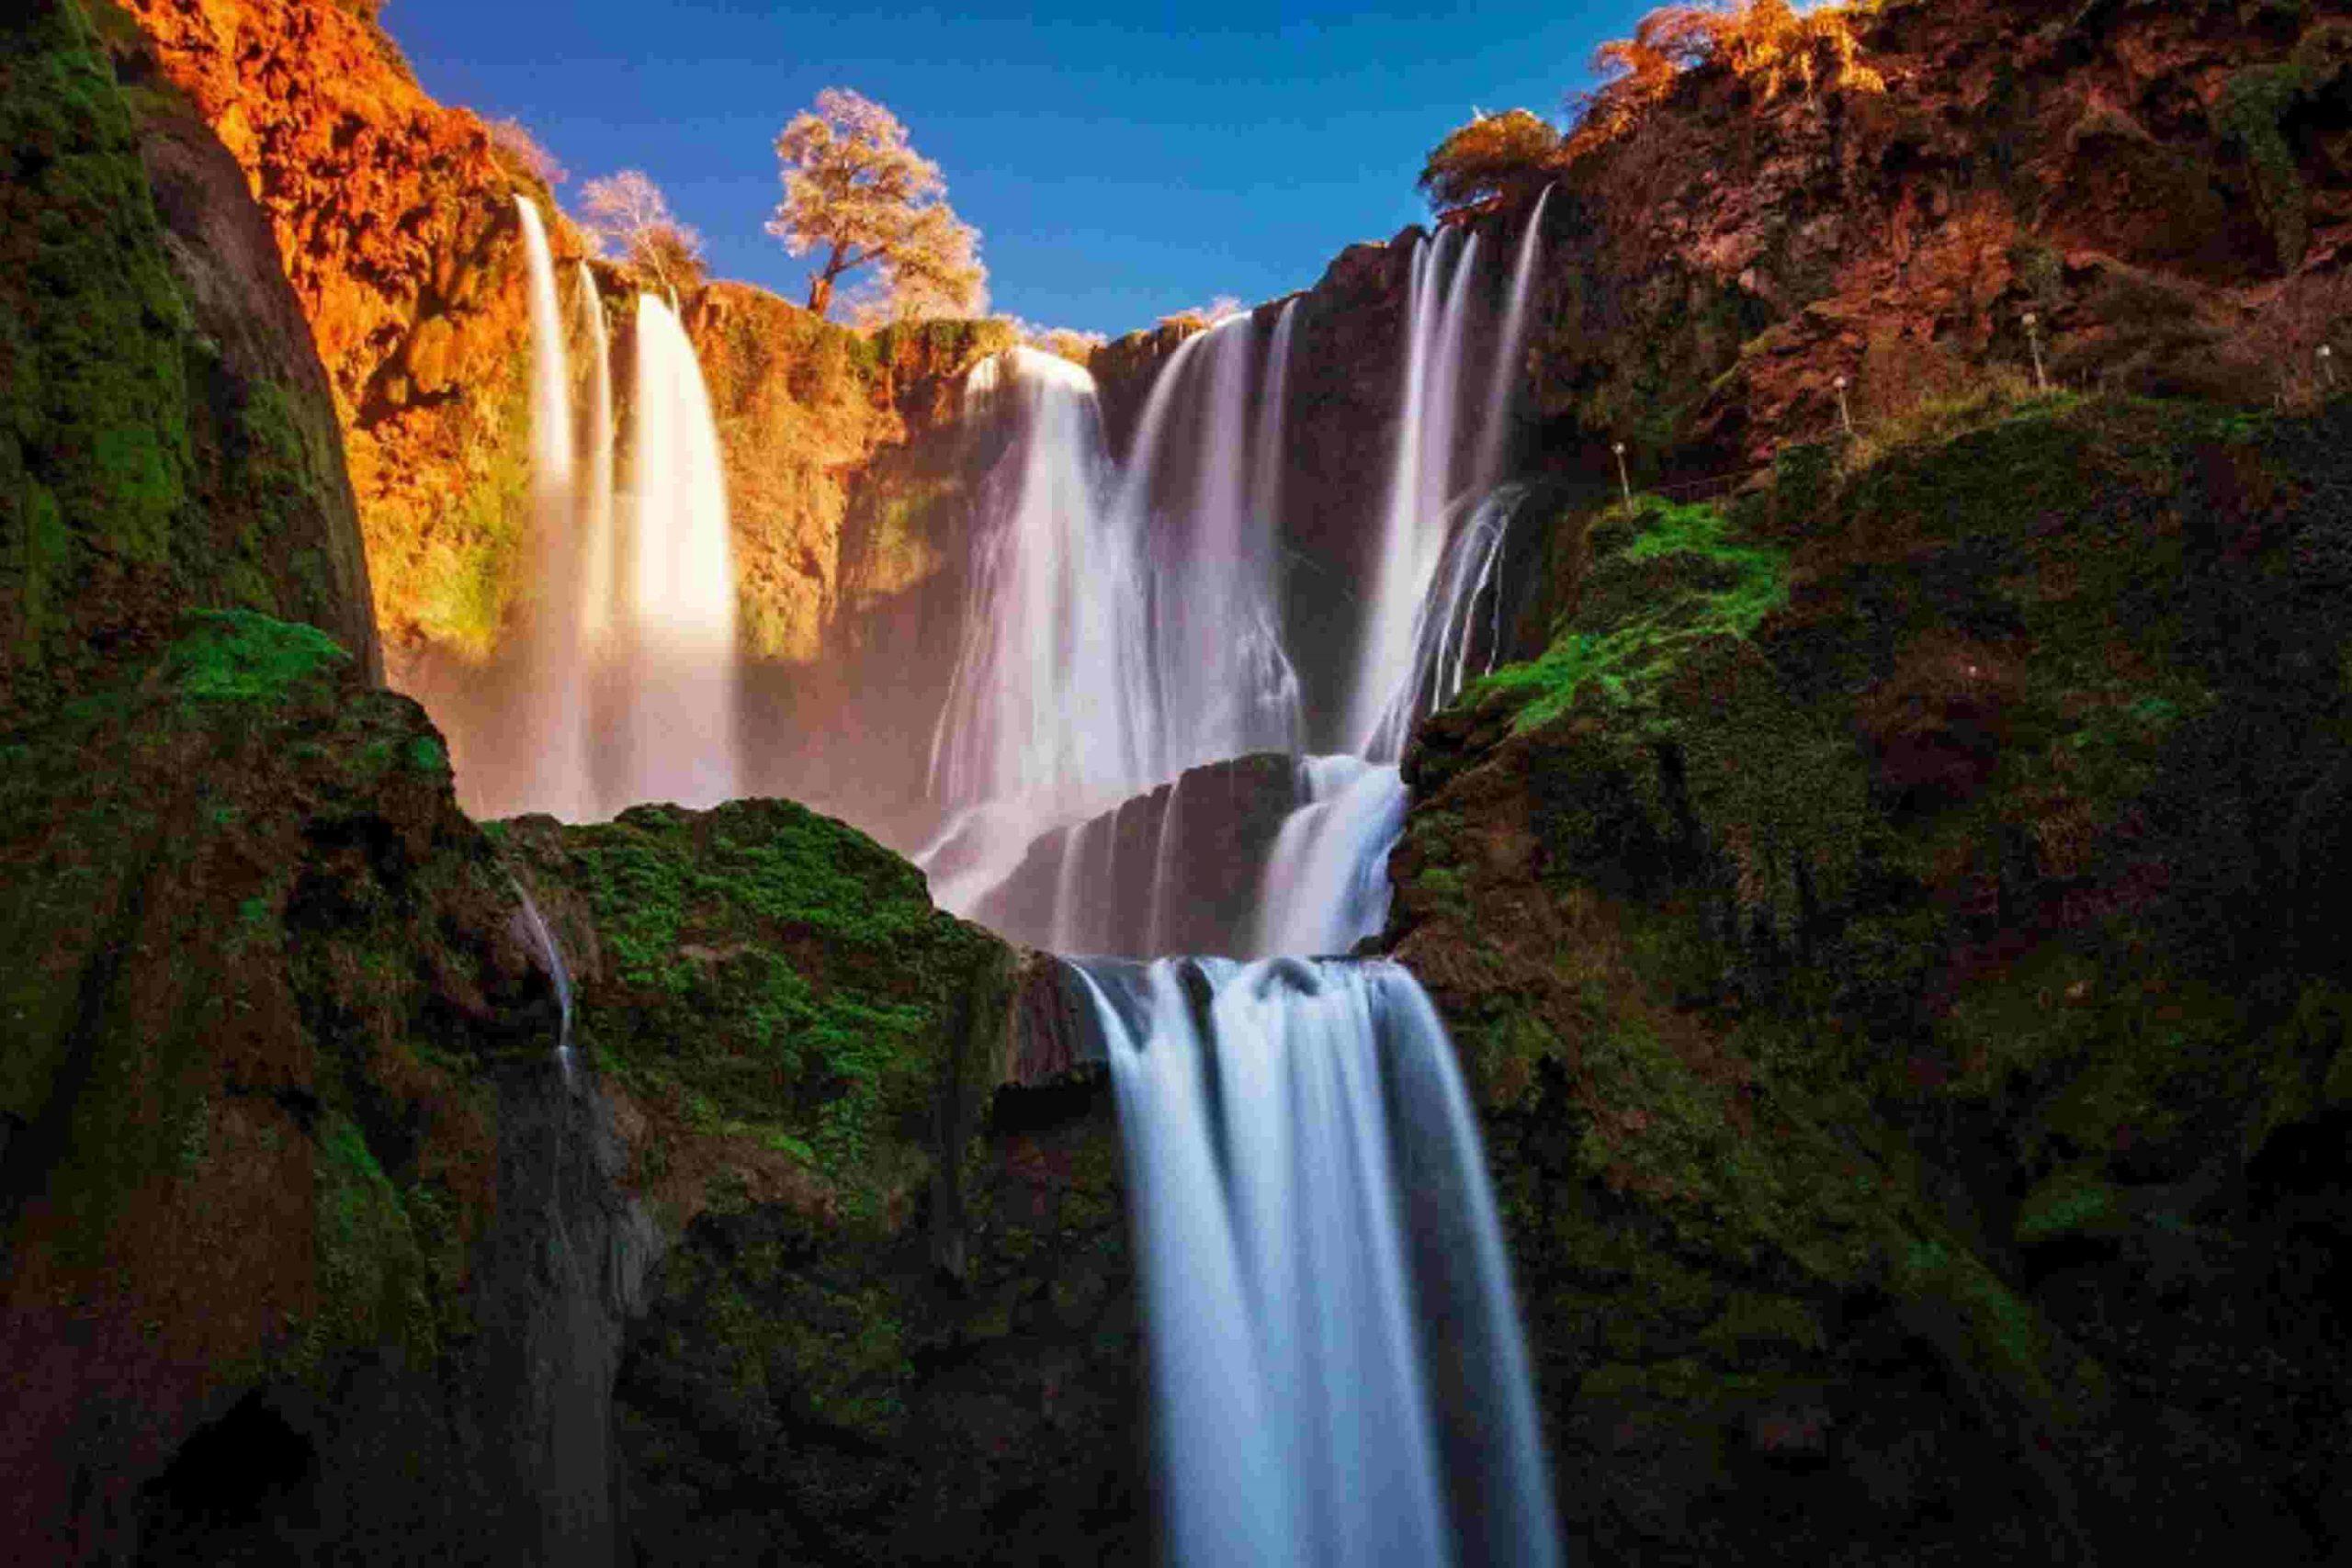 Excursión a las cascadas de Ouzoud desde Marrakech